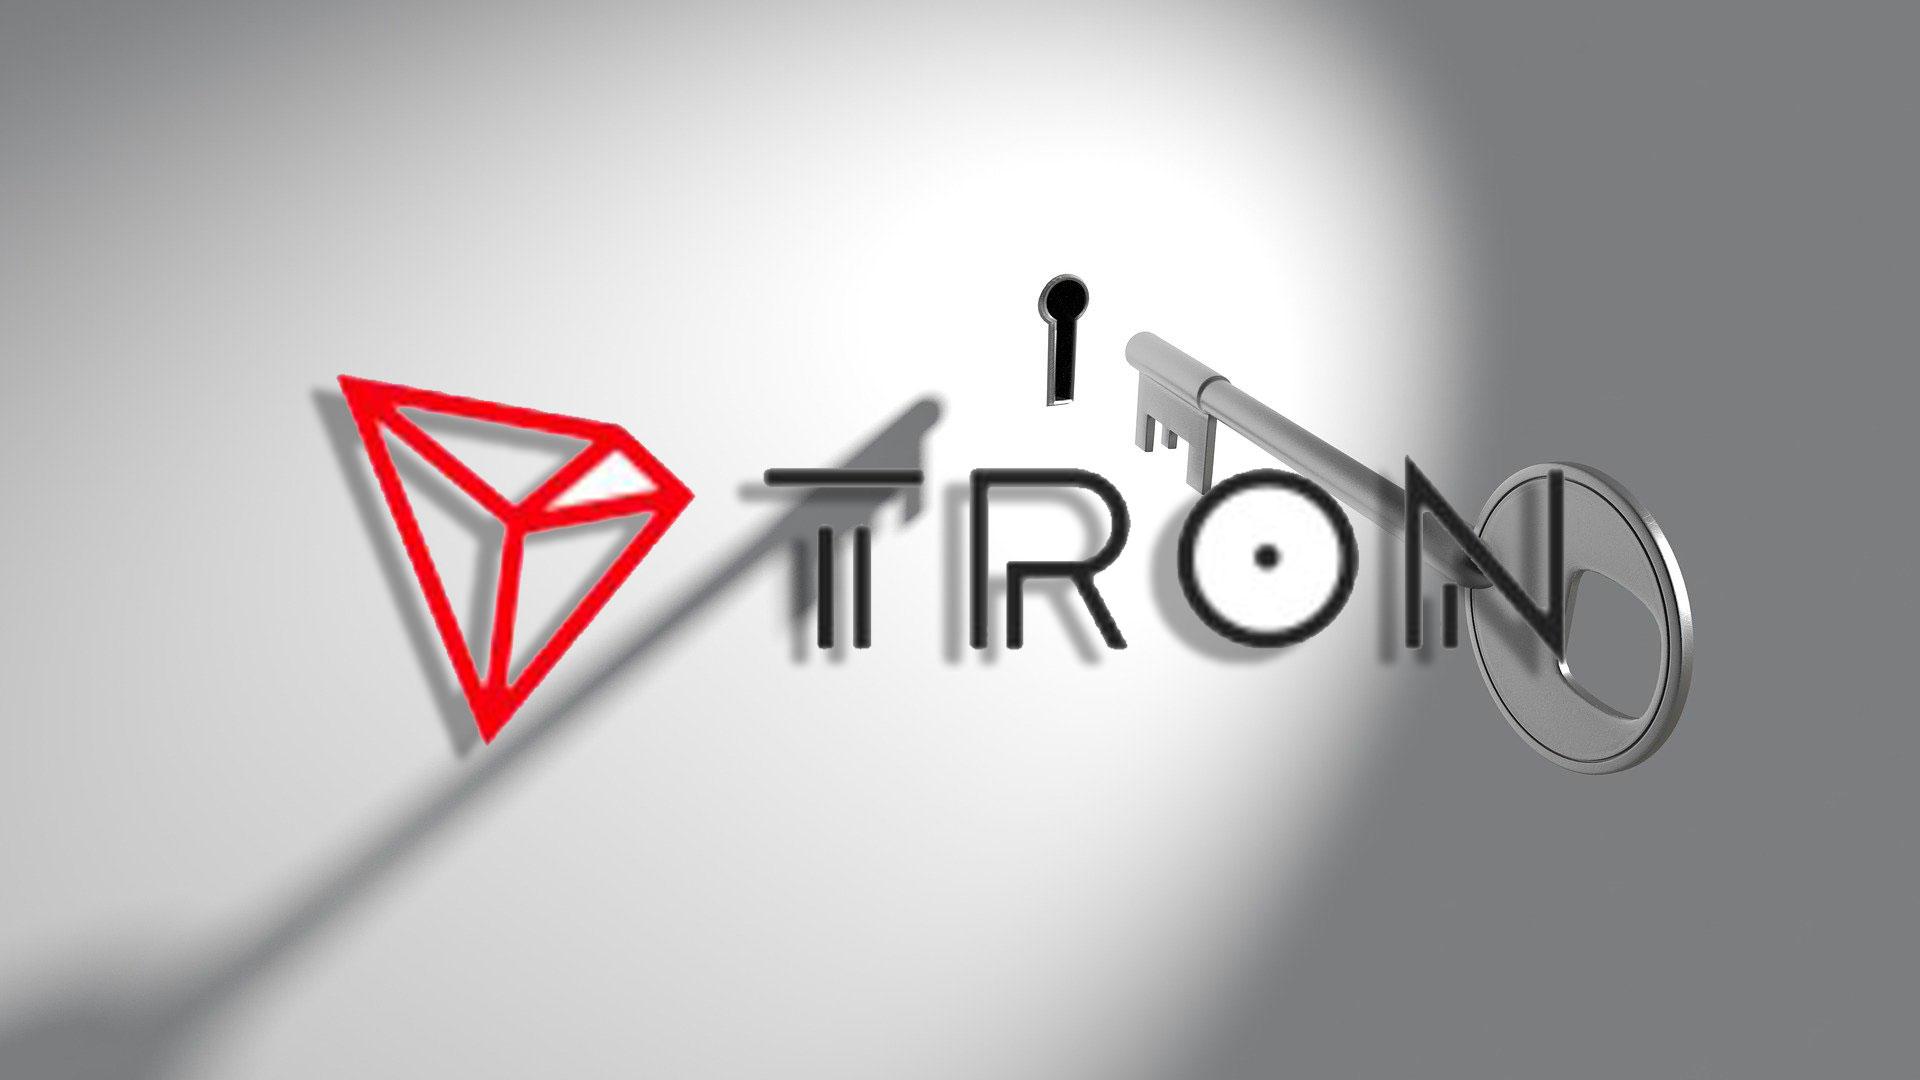 トロン 仮想 通貨 仮想通貨トロン(TRX)とは?特徴や今後の将来性について解説